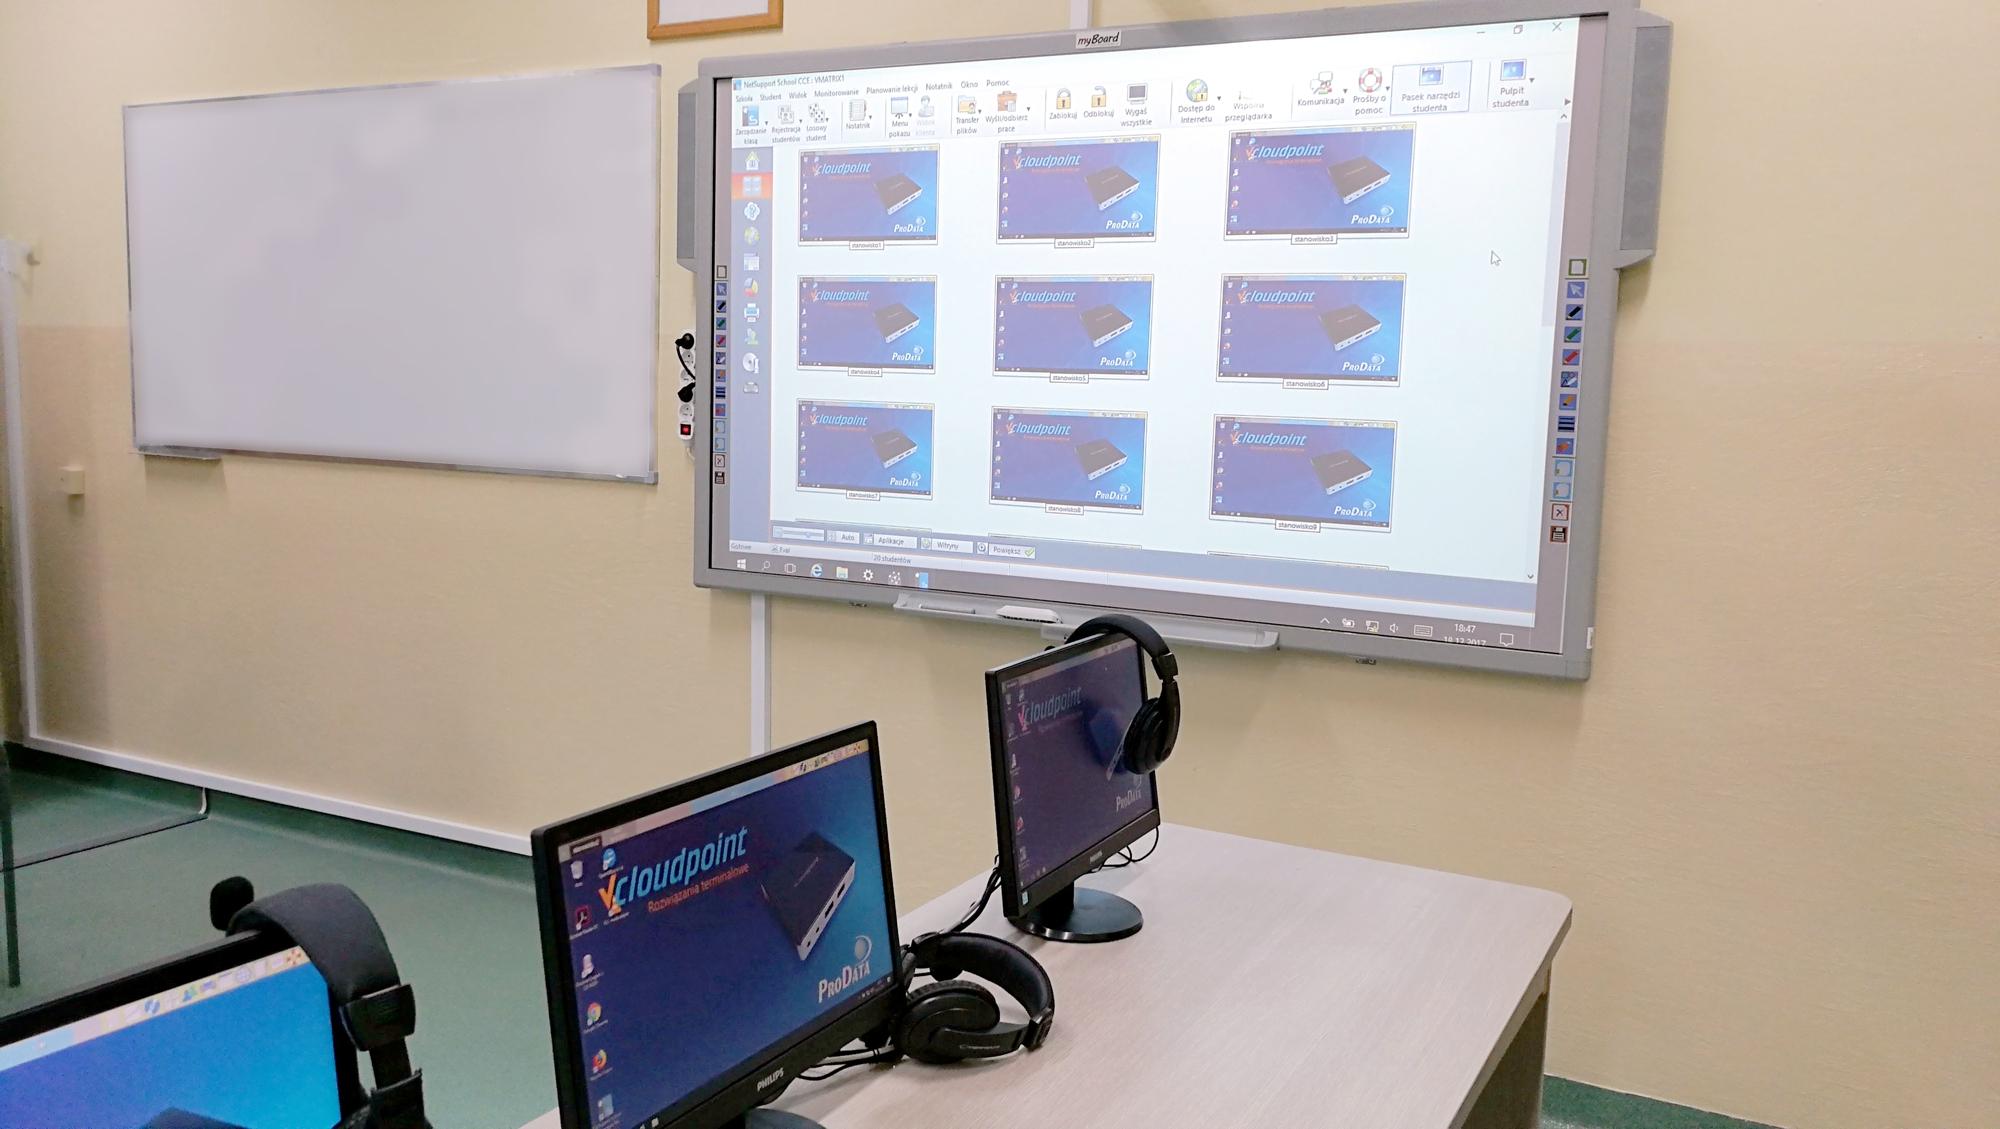 vCloudPoint V1 - szkolna pracownia terminalowa - komputery dla szkół